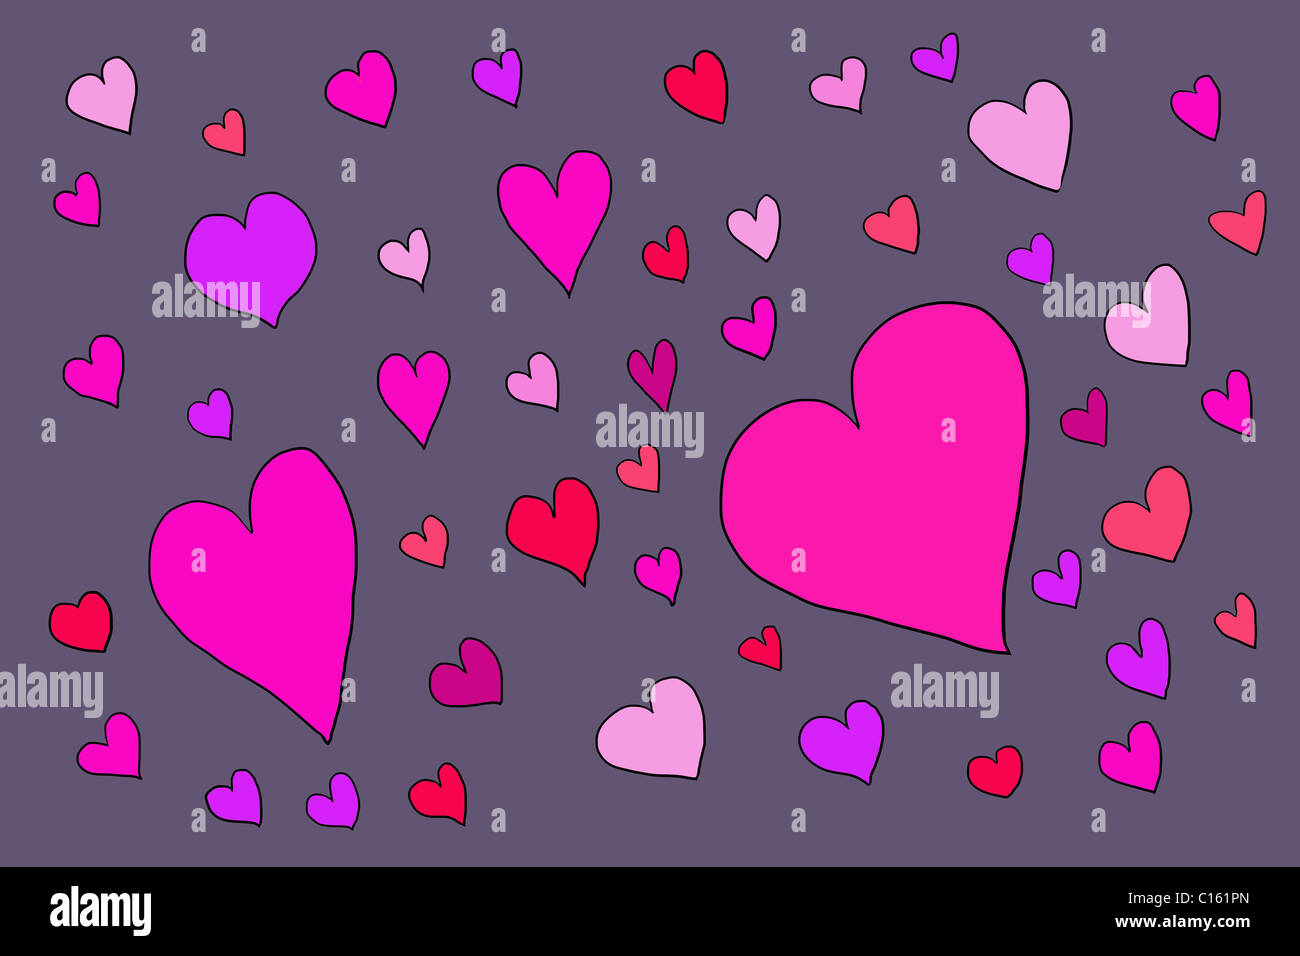 Große Anzahl von Herzformen, Abbildung Stockfoto